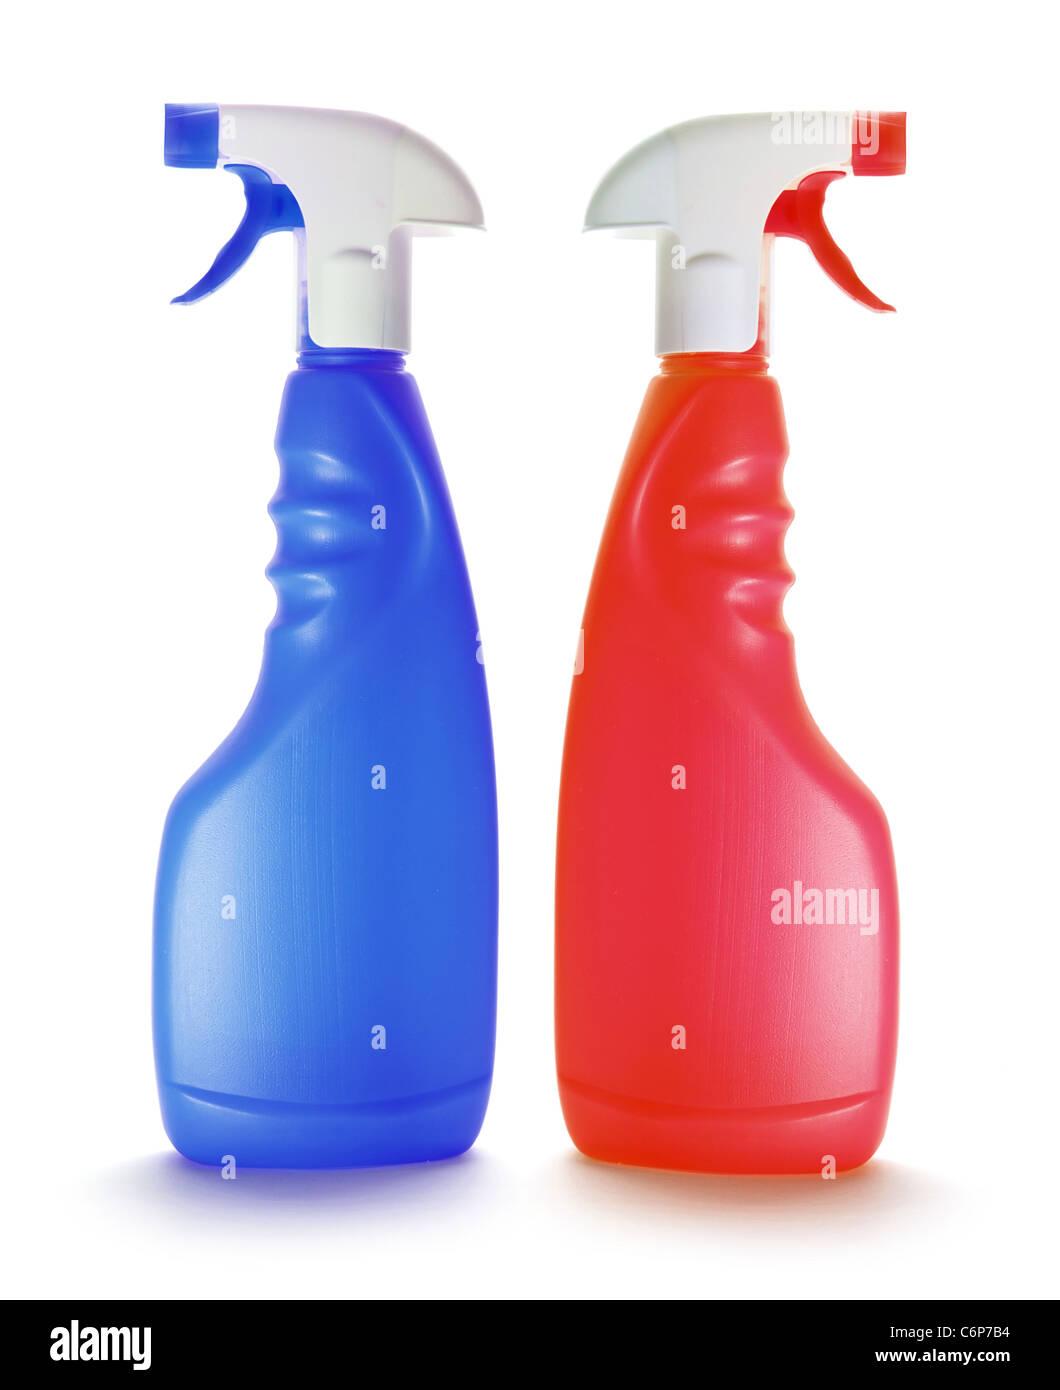 Spray Bottles - Stock Image